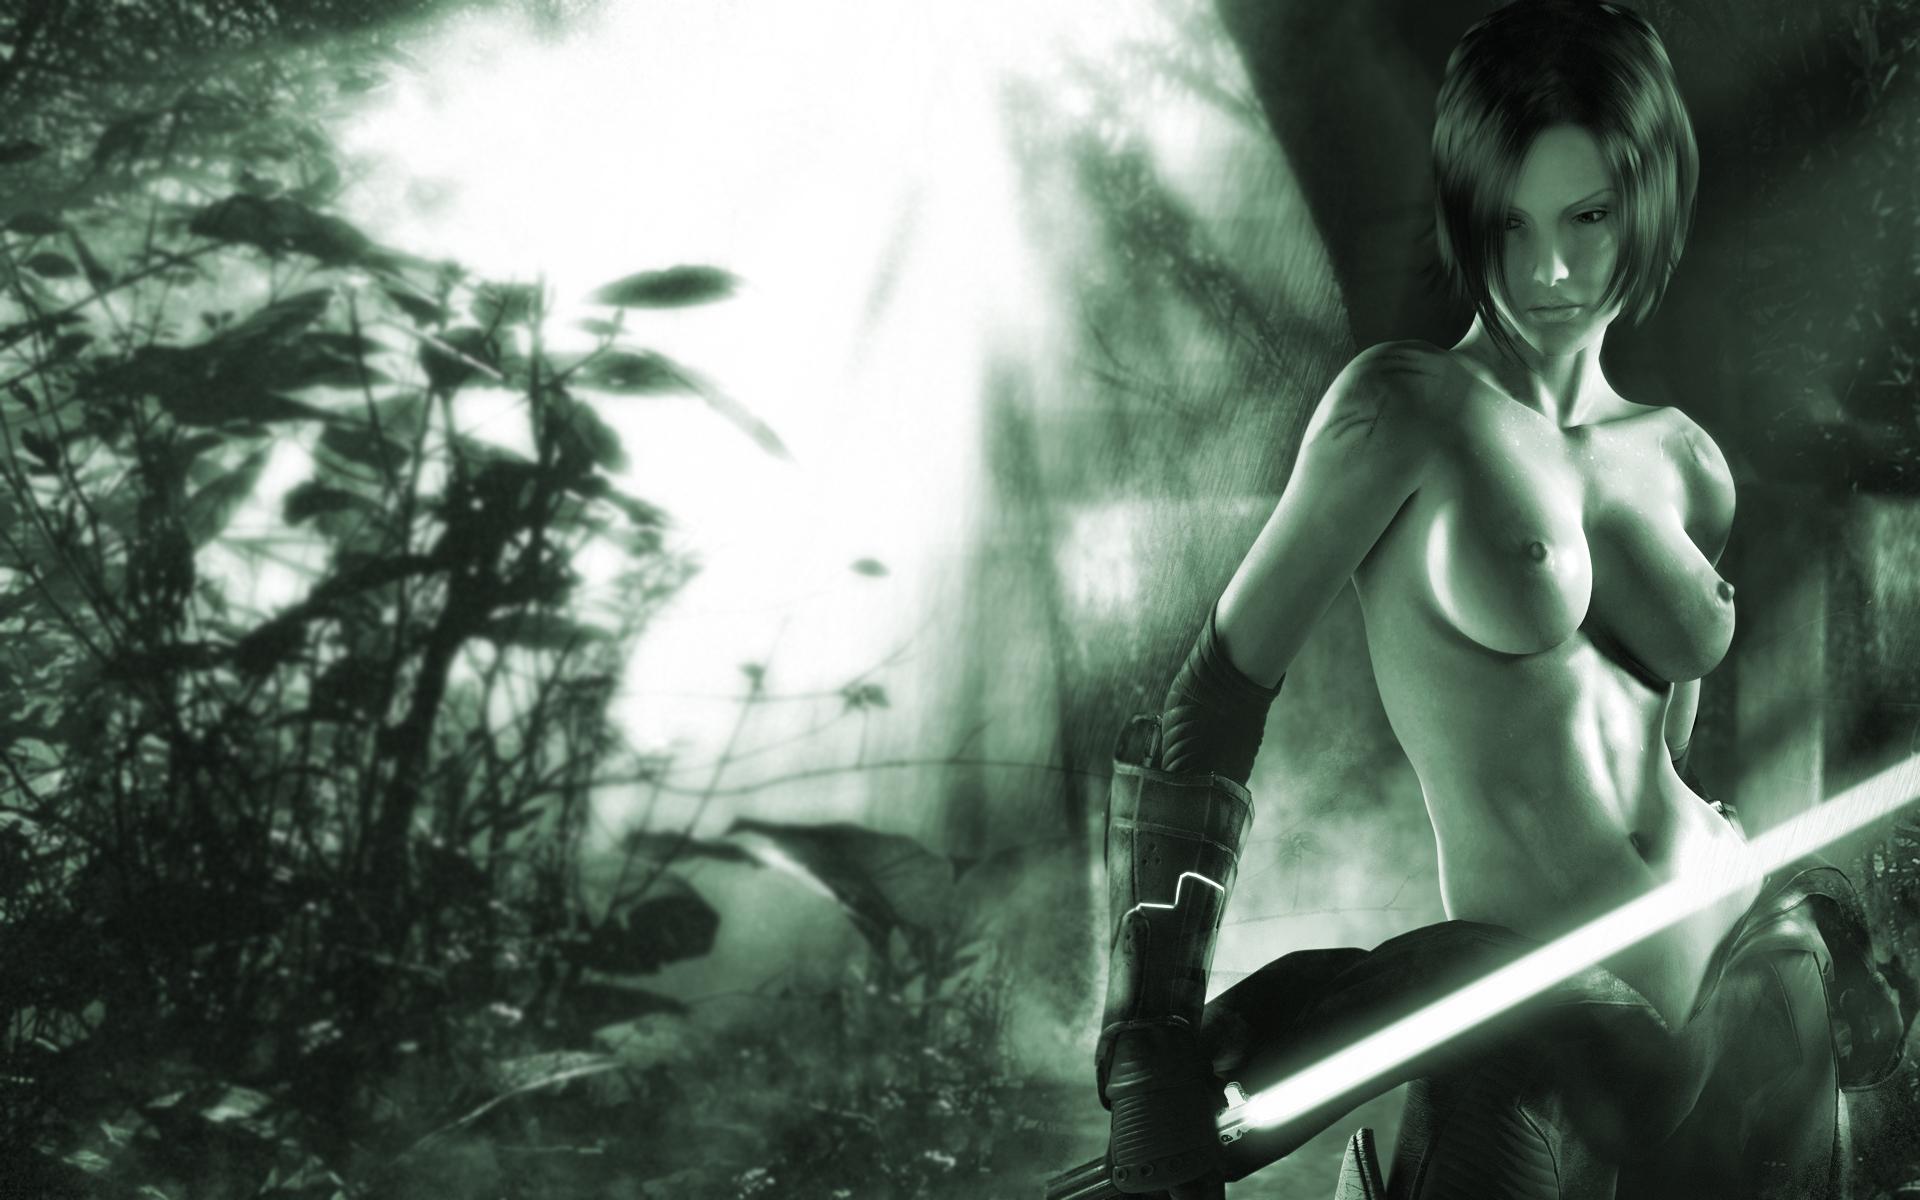 Jedi Mistress by hod 1920x1200